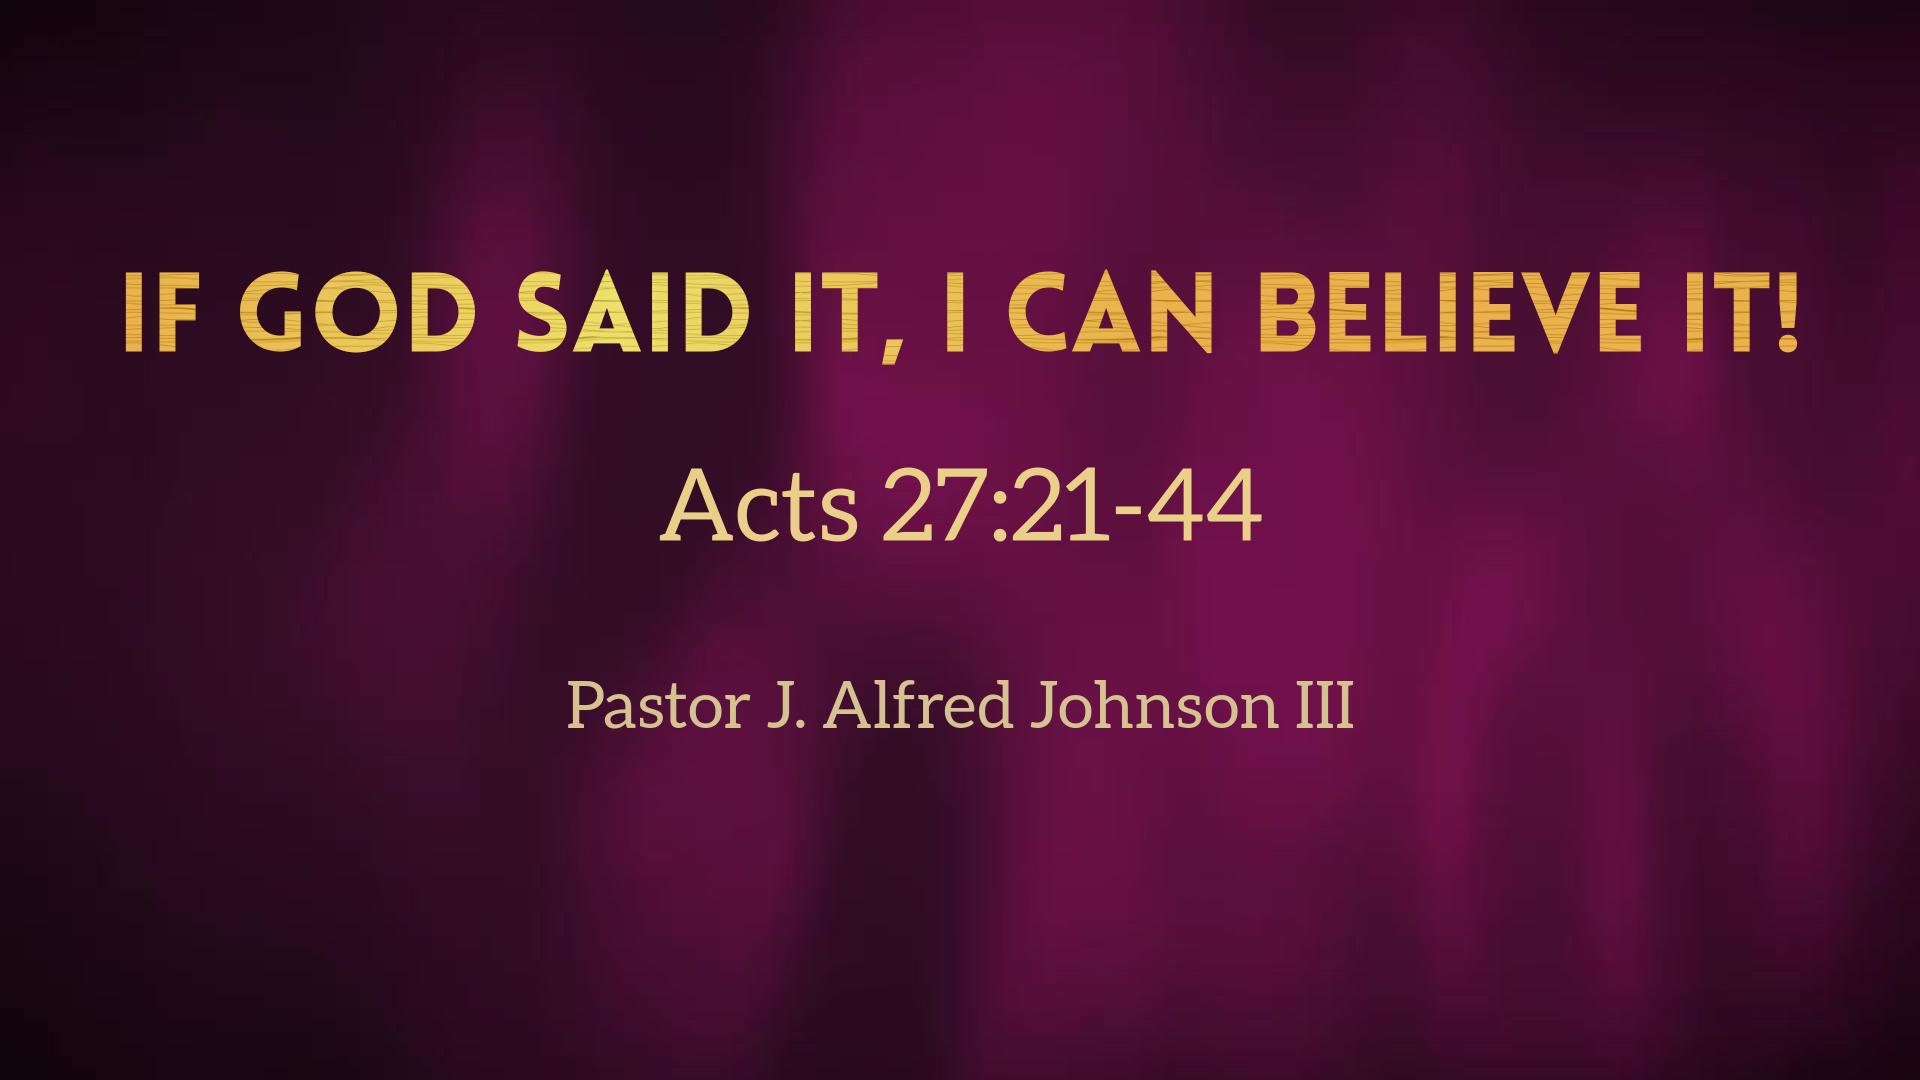 If God Said It, I Can Believe It! - Faithlife Sermons